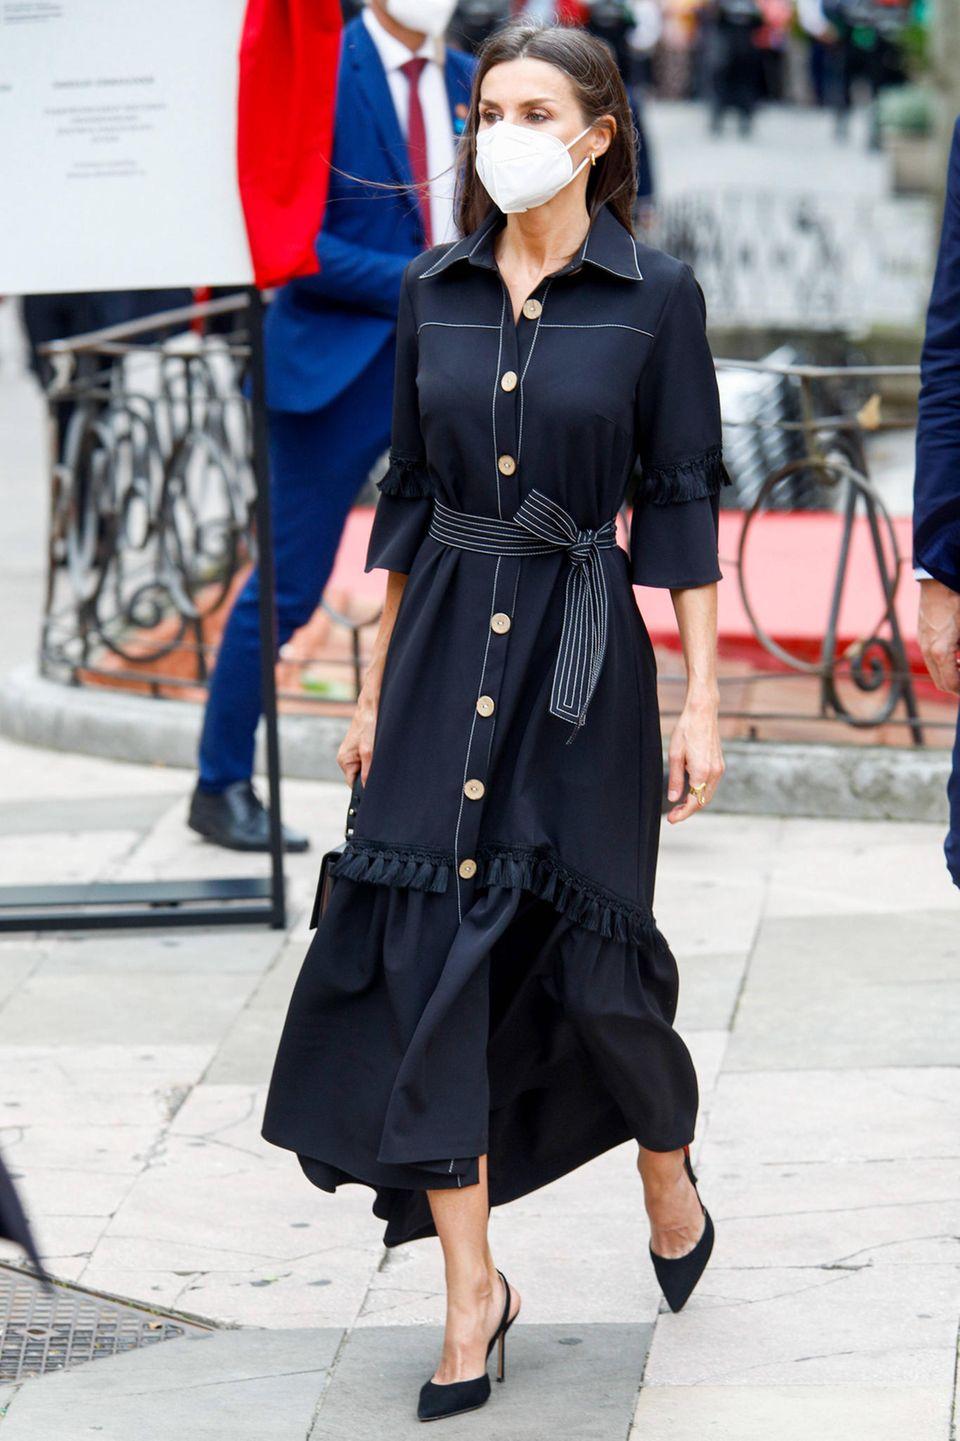 Auch Königin Letizia von Spanien peppt ihr schienbeinlanges Kleid mit einem Band um die Taille auf.